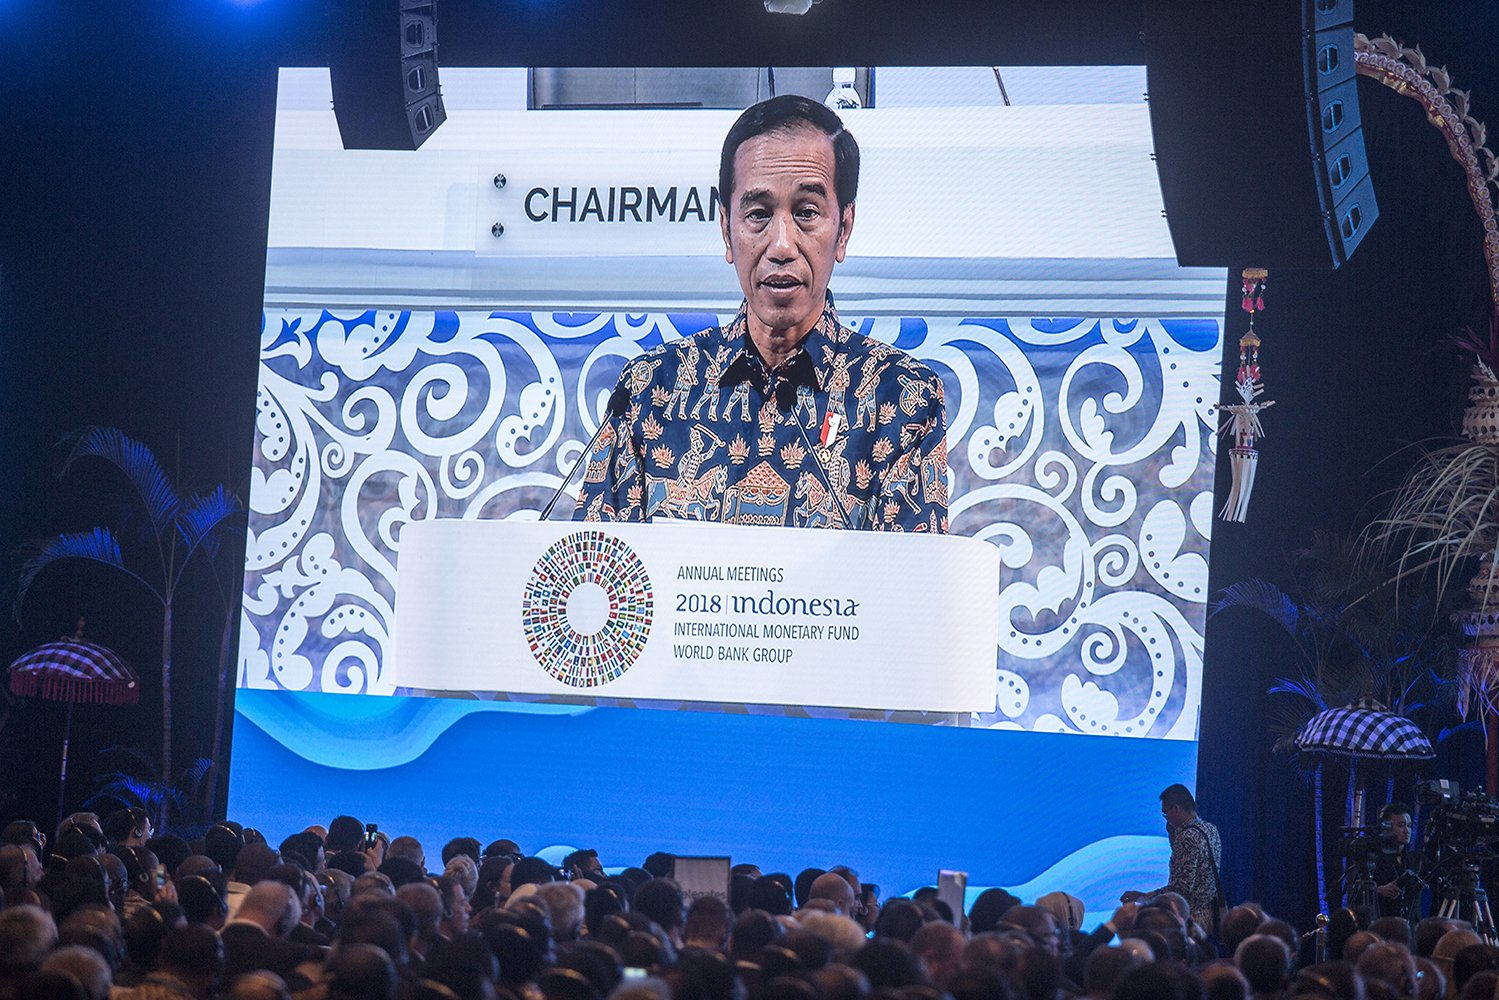 Dalam pidatonya, Presiden Joko Widodo mengibaratkan keadaan ekonomi dunia saat ini bagaikan kisah Game of Thrones. Layaknya houses dalam serial tersebut memerebutkan iron throne, negara-negara pun memperebutkan kekuasaan di bidang ekonomi, antara lain melalui perang dagang.